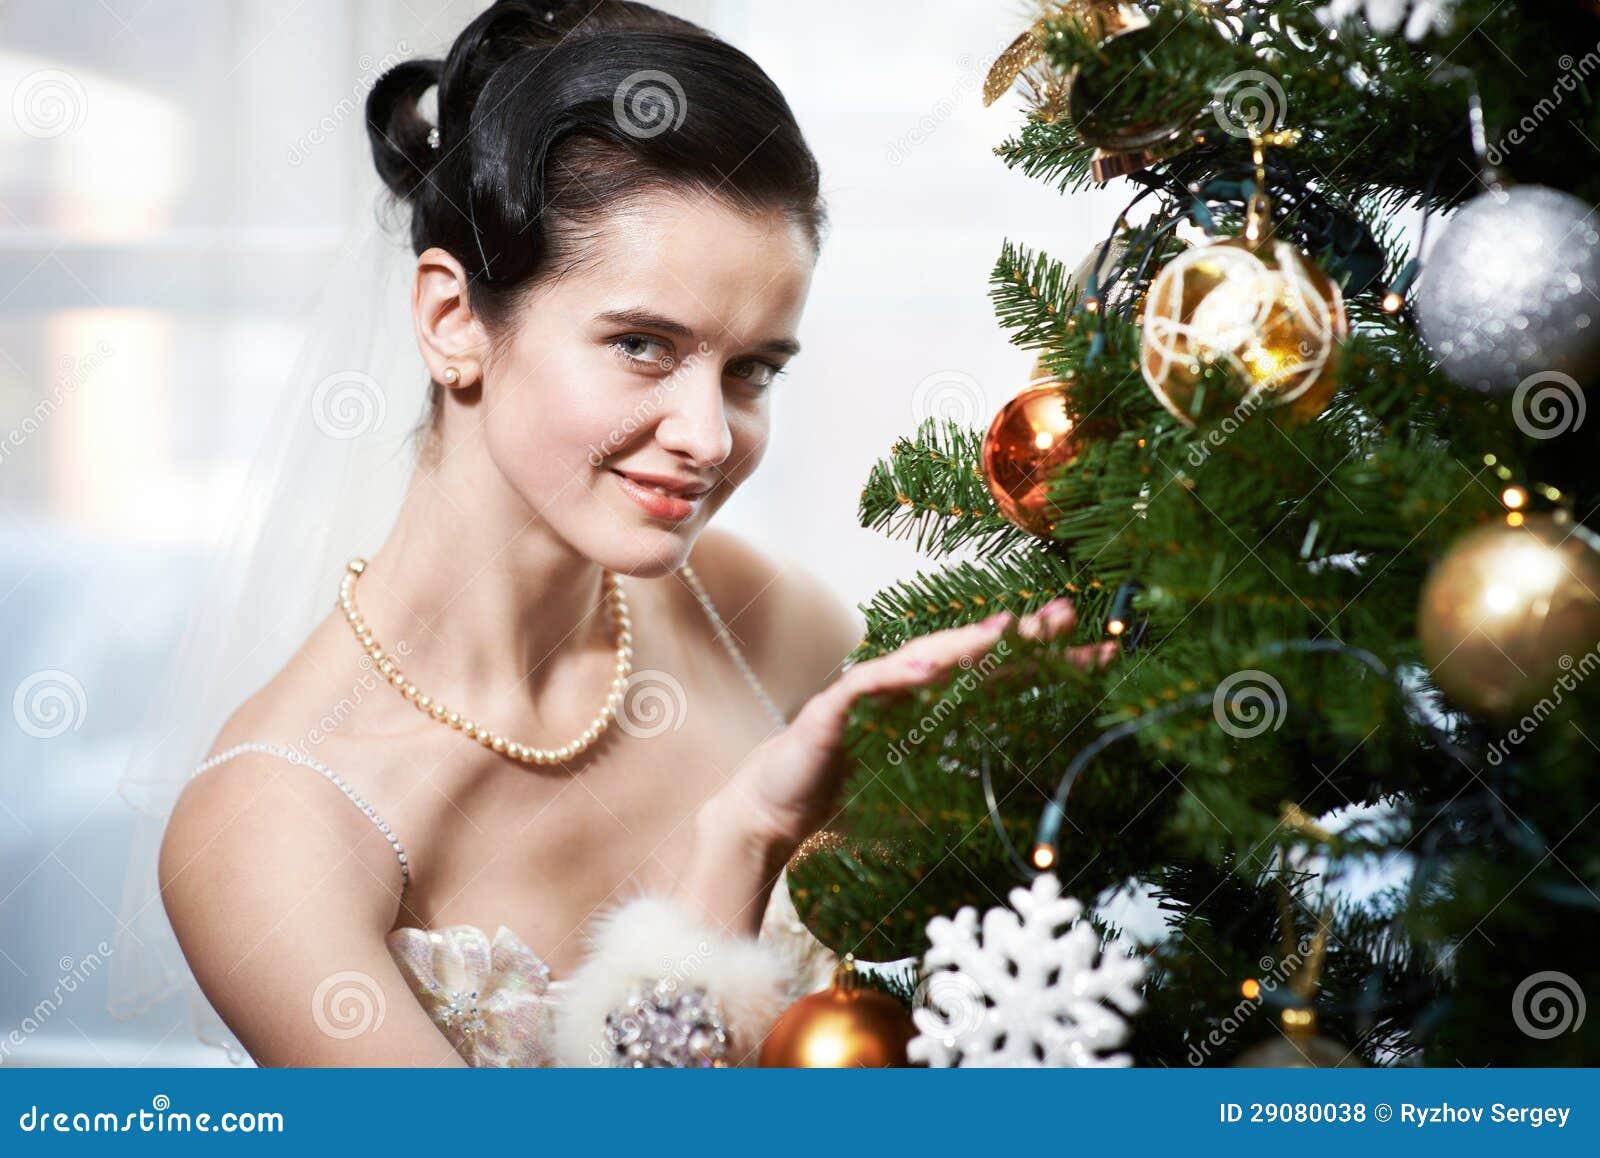 Νύφη κοντά στο χριστουγεννιάτικο δέντρο